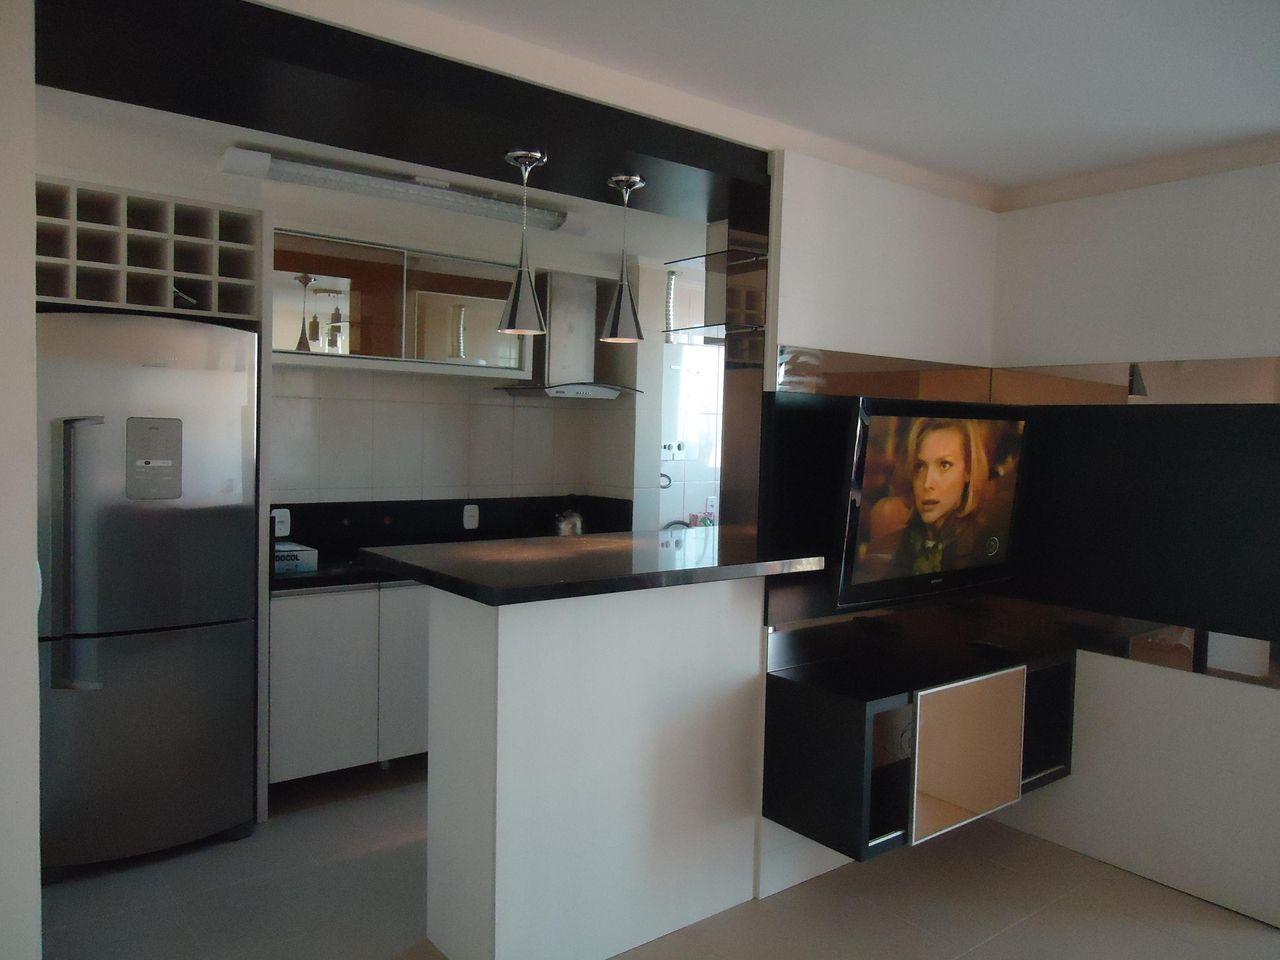 Cozinha americana simples com armário espelhado e bancada de mármore.